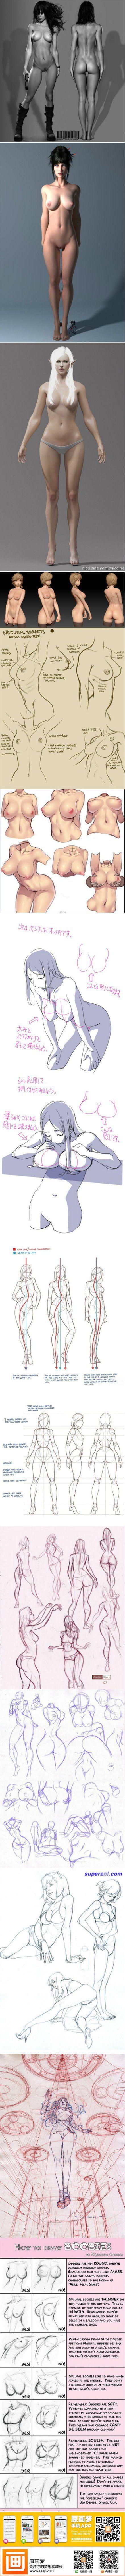 Body anatomy. How to draw female body.